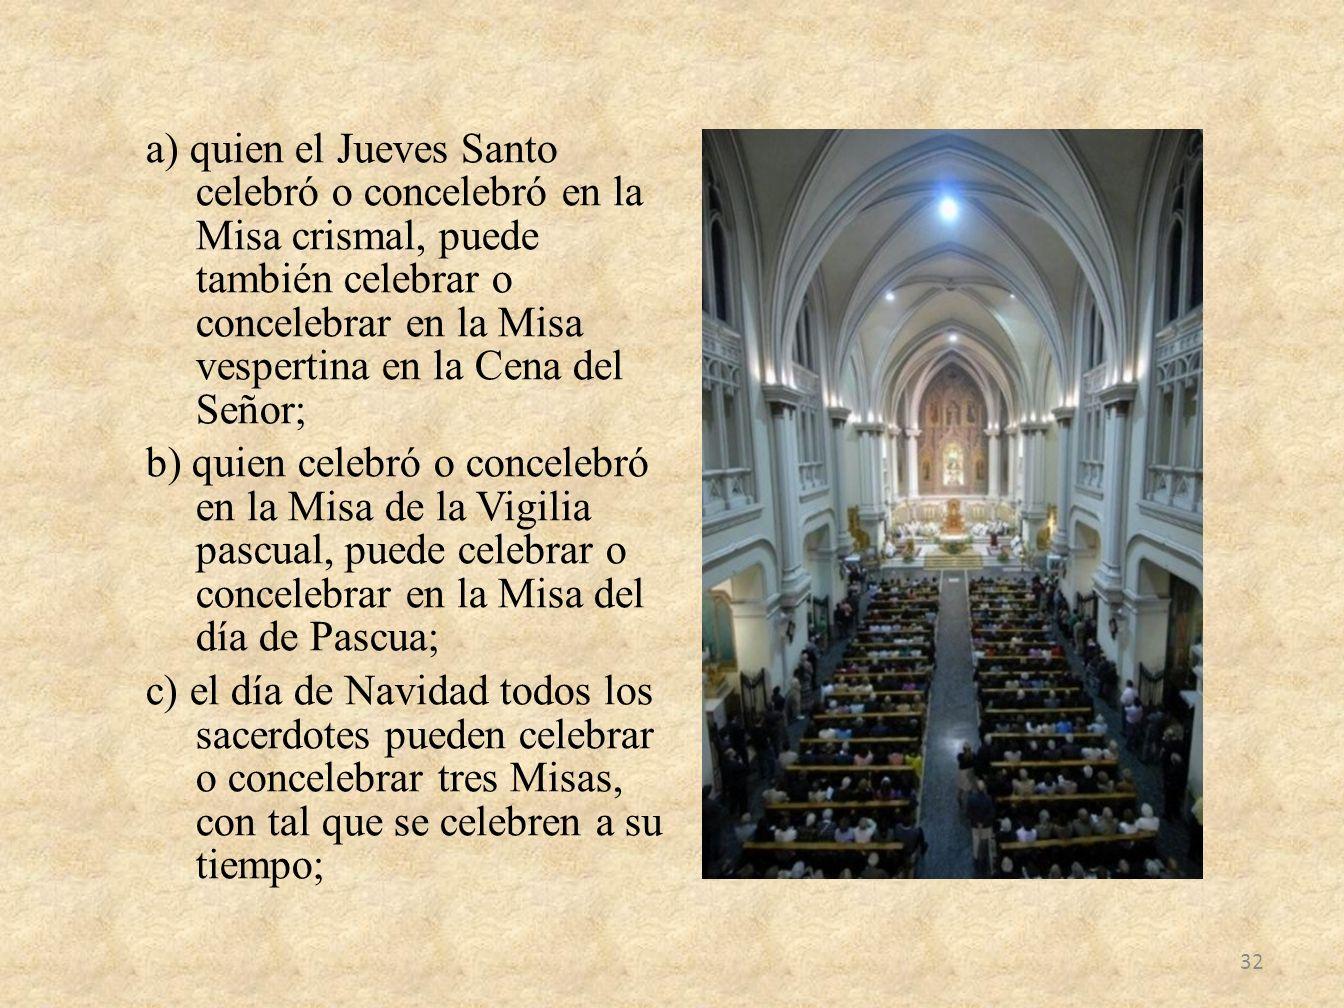 a) quien el Jueves Santo celebró o concelebró en la Misa crismal, puede también celebrar o concelebrar en la Misa vespertina en la Cena del Señor; b) quien celebró o concelebró en la Misa de la Vigilia pascual, puede celebrar o concelebrar en la Misa del día de Pascua; c) el día de Navidad todos los sacerdotes pueden celebrar o concelebrar tres Misas, con tal que se celebren a su tiempo;